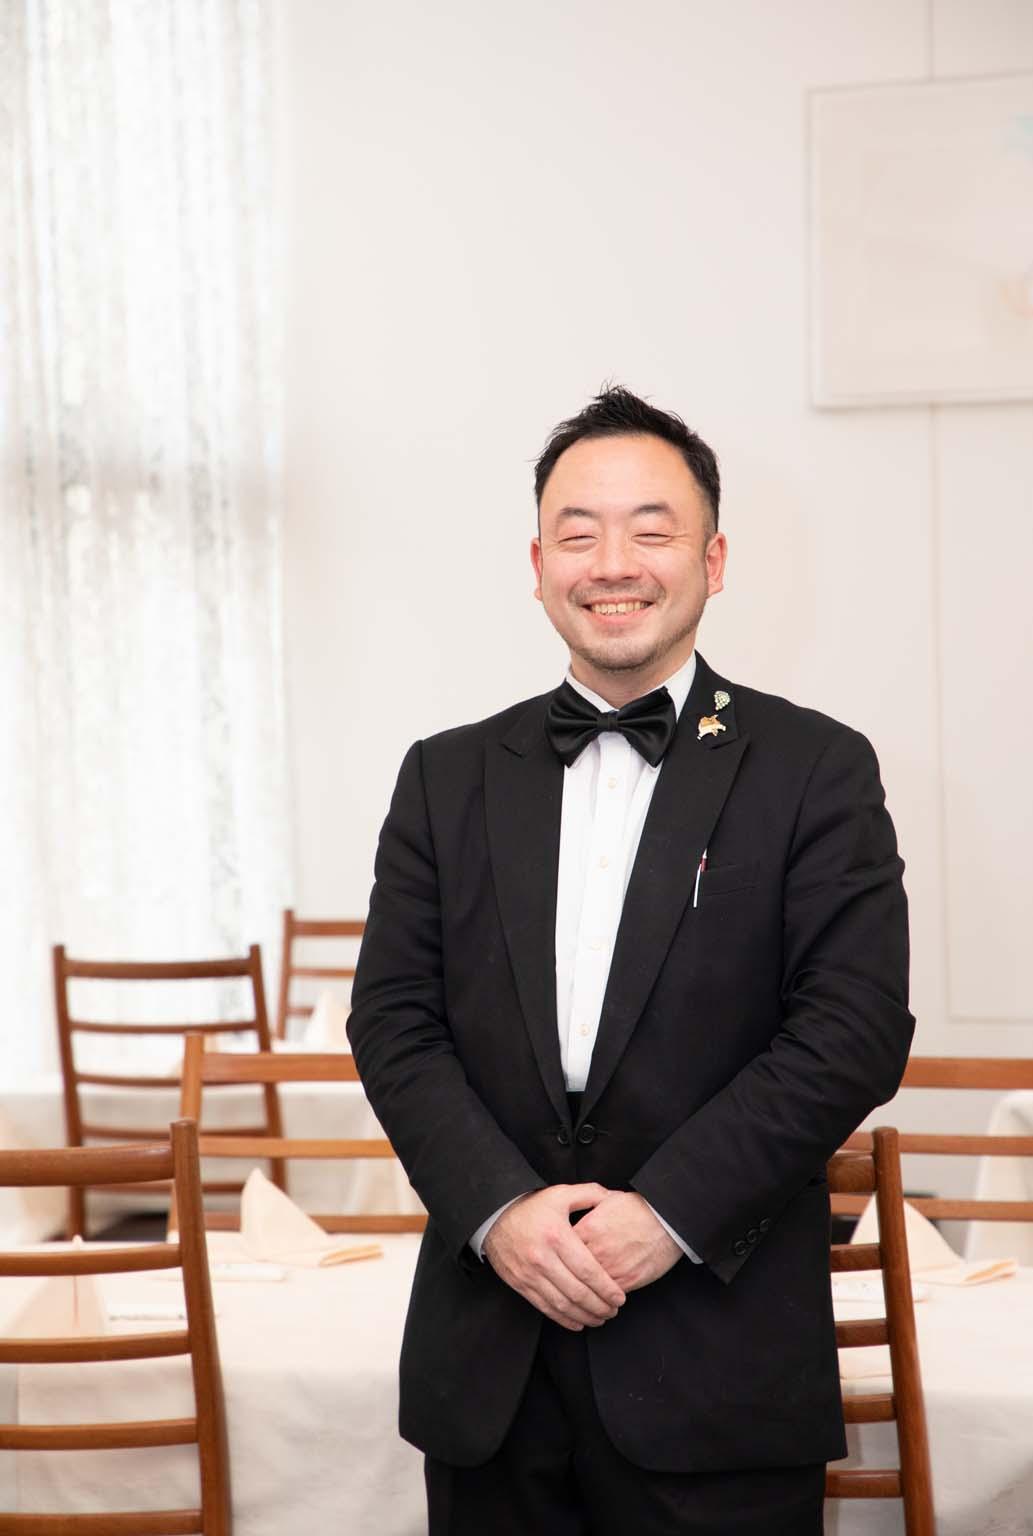 副支配人の岡田晃さん。ワインやハーブのエキスパートでもある。